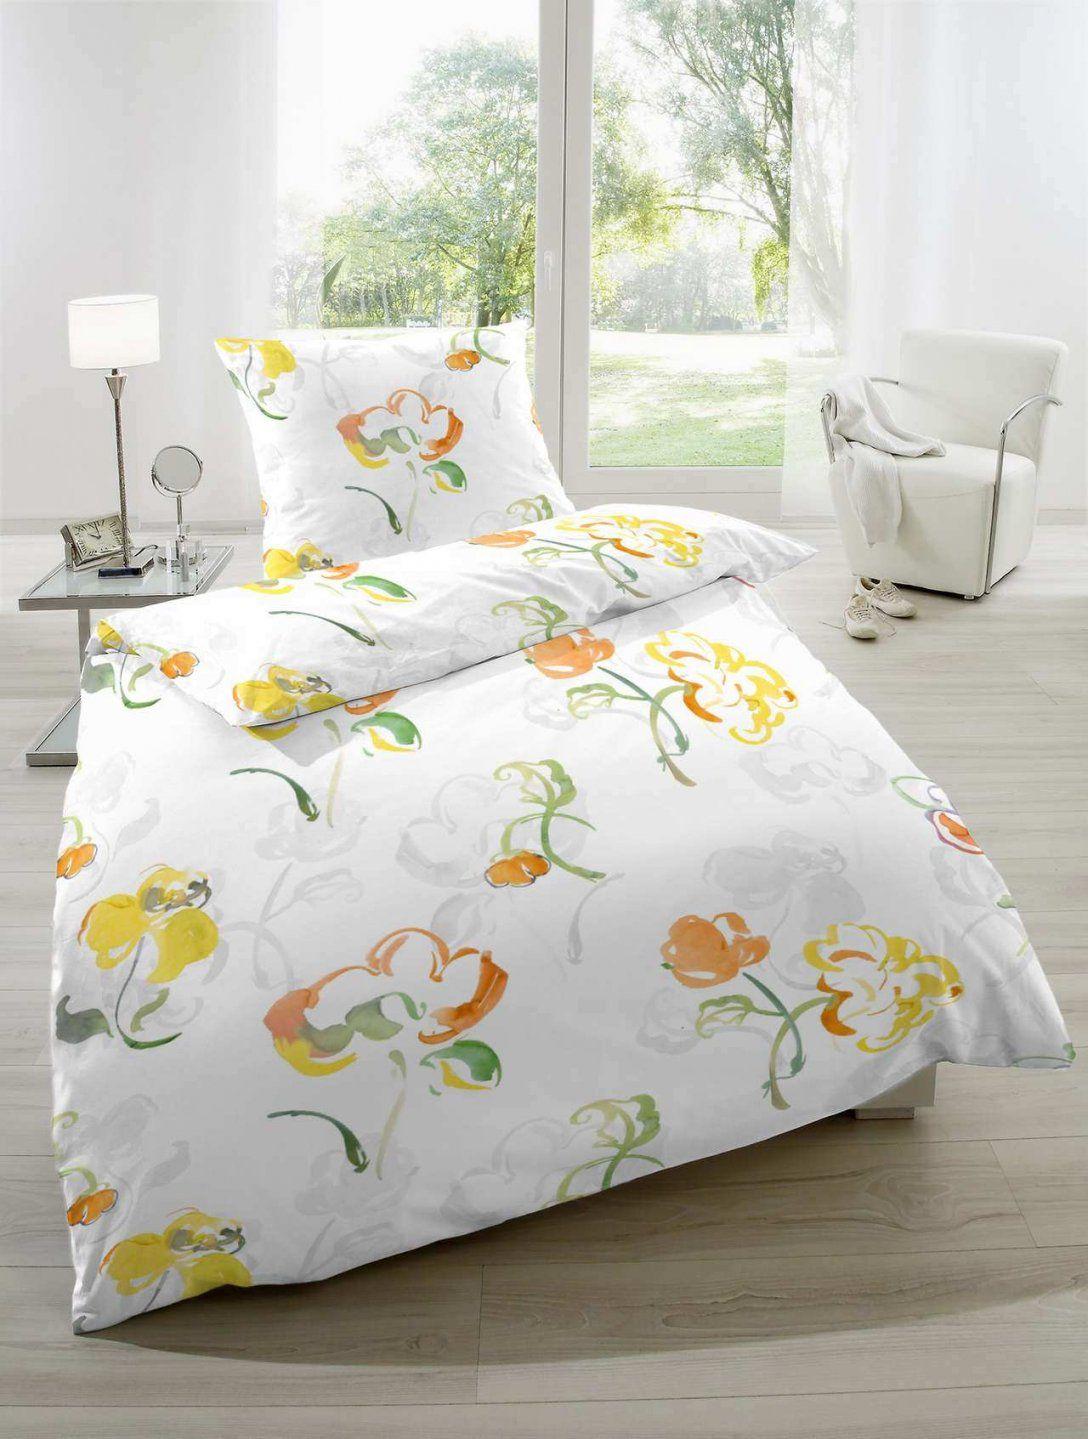 Seersucker Bettwäsche 135X200 Cm Blumen Weiß Gelb  Magita von Microfaser Fleece Bettwäsche 155X220 Photo